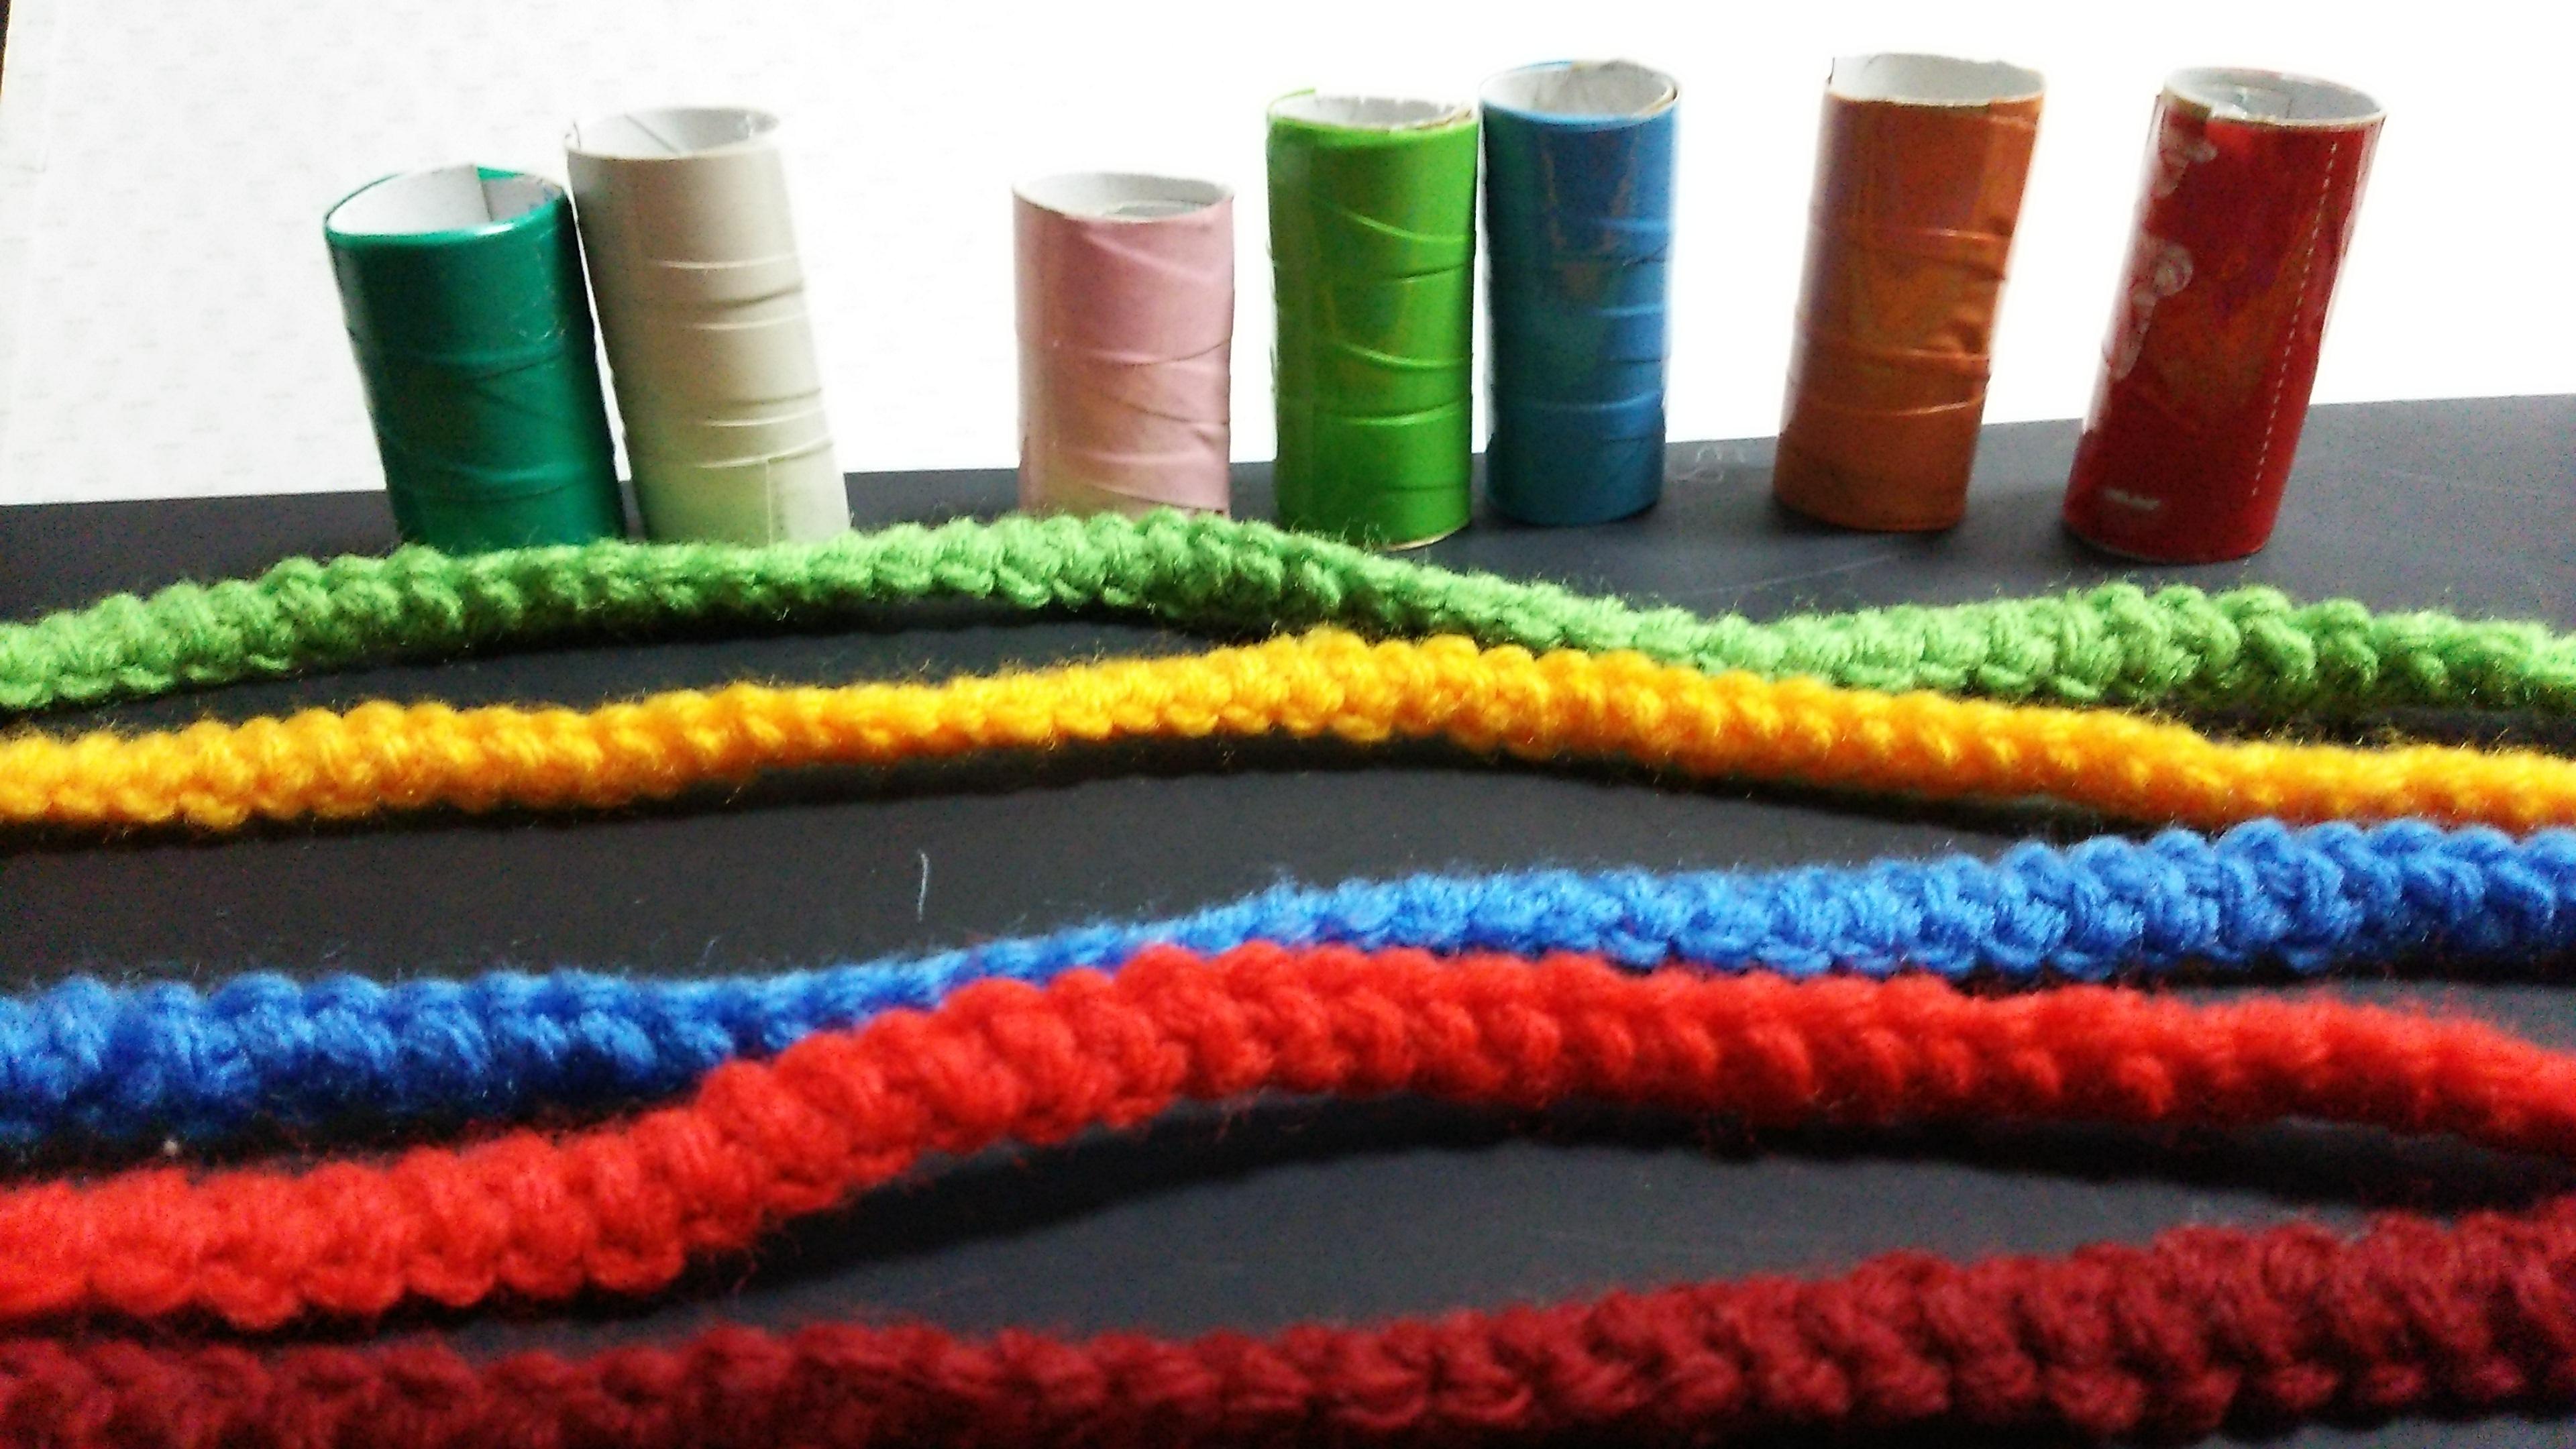 カラー紐(えび編み)と筒